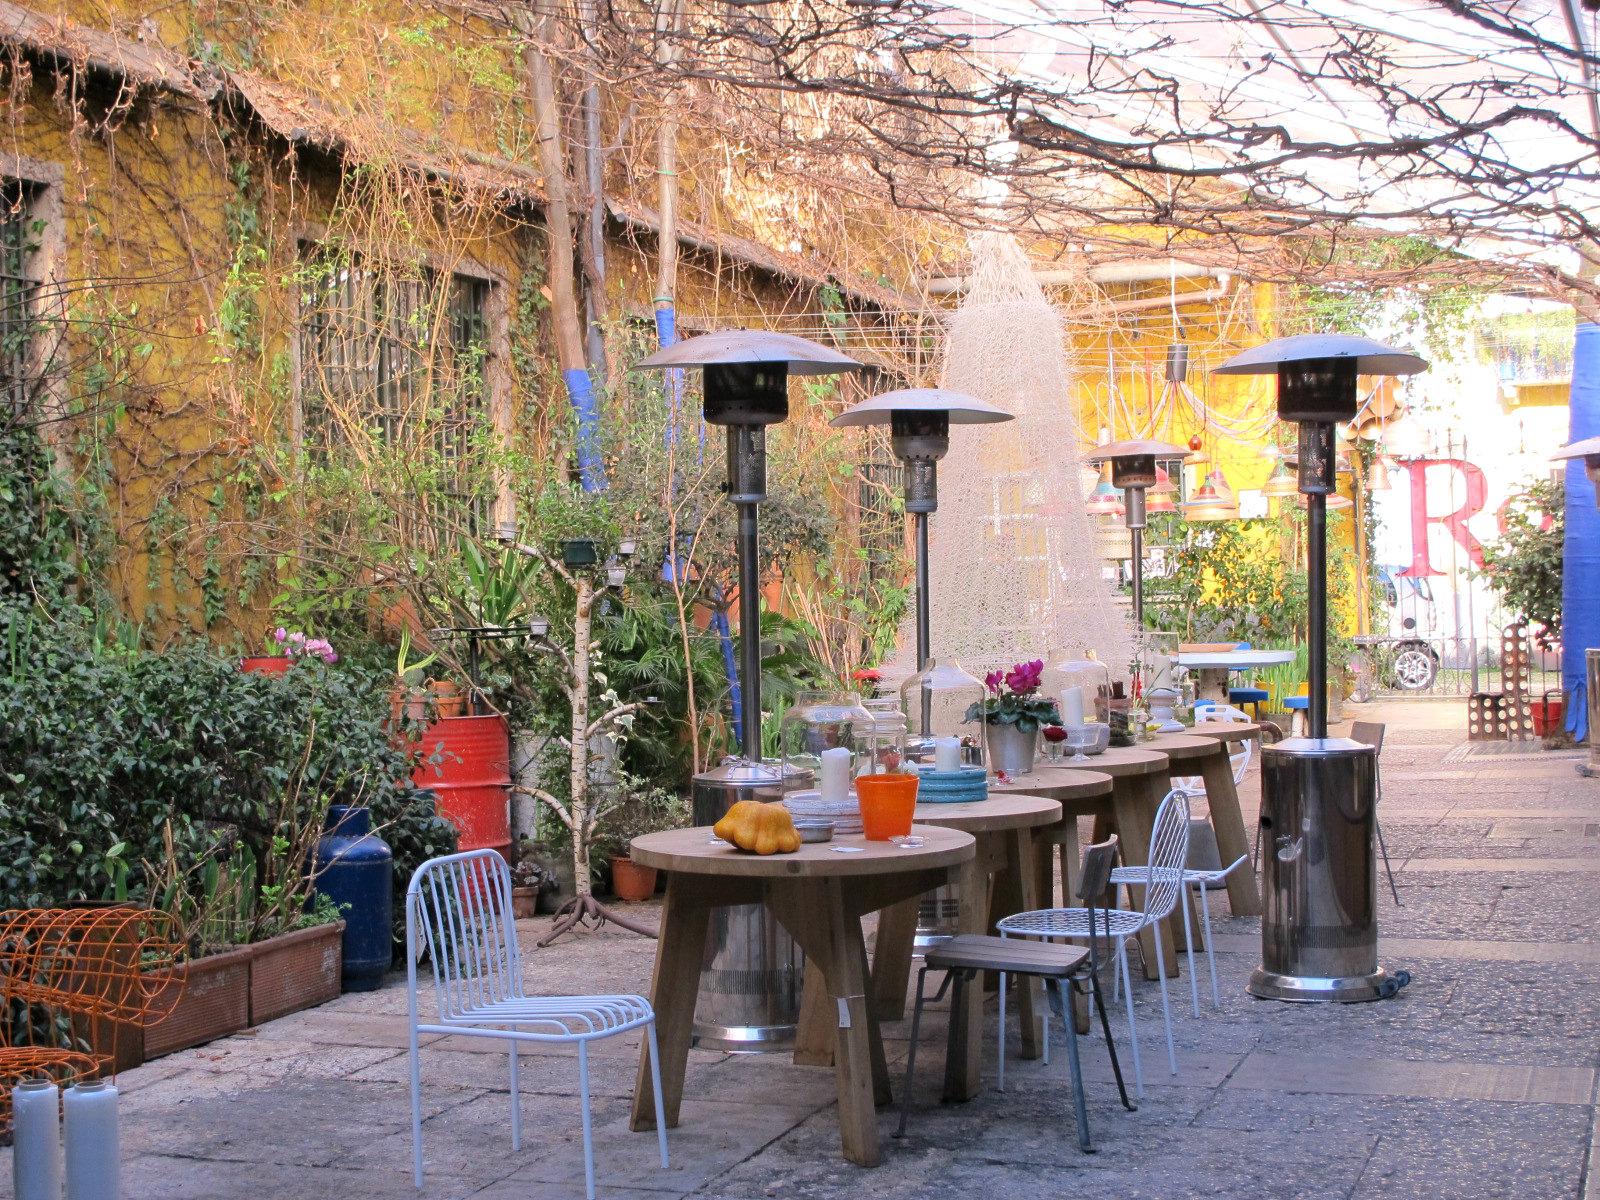 Inspiration de printemps chez Rossana Orlandi à Milan